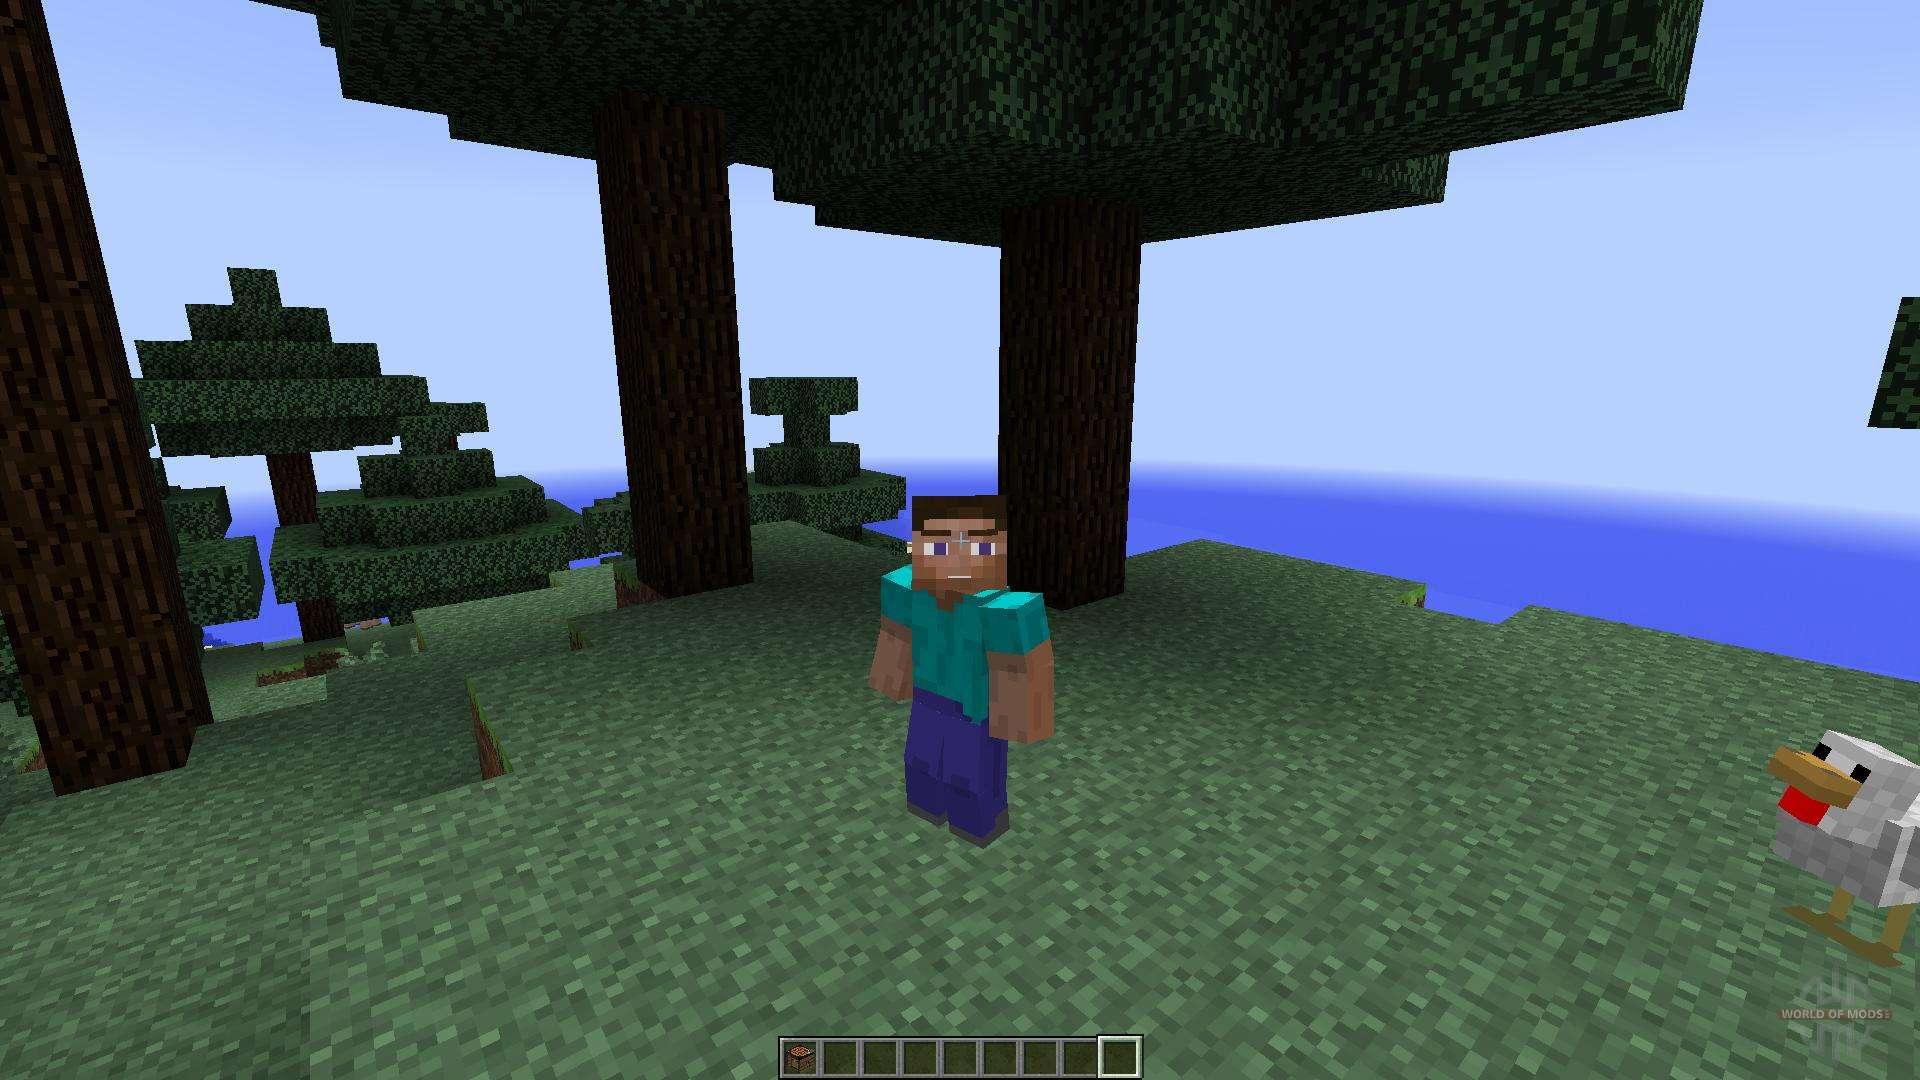 Скачать мод Animated Player для Minecraft 1.8.1